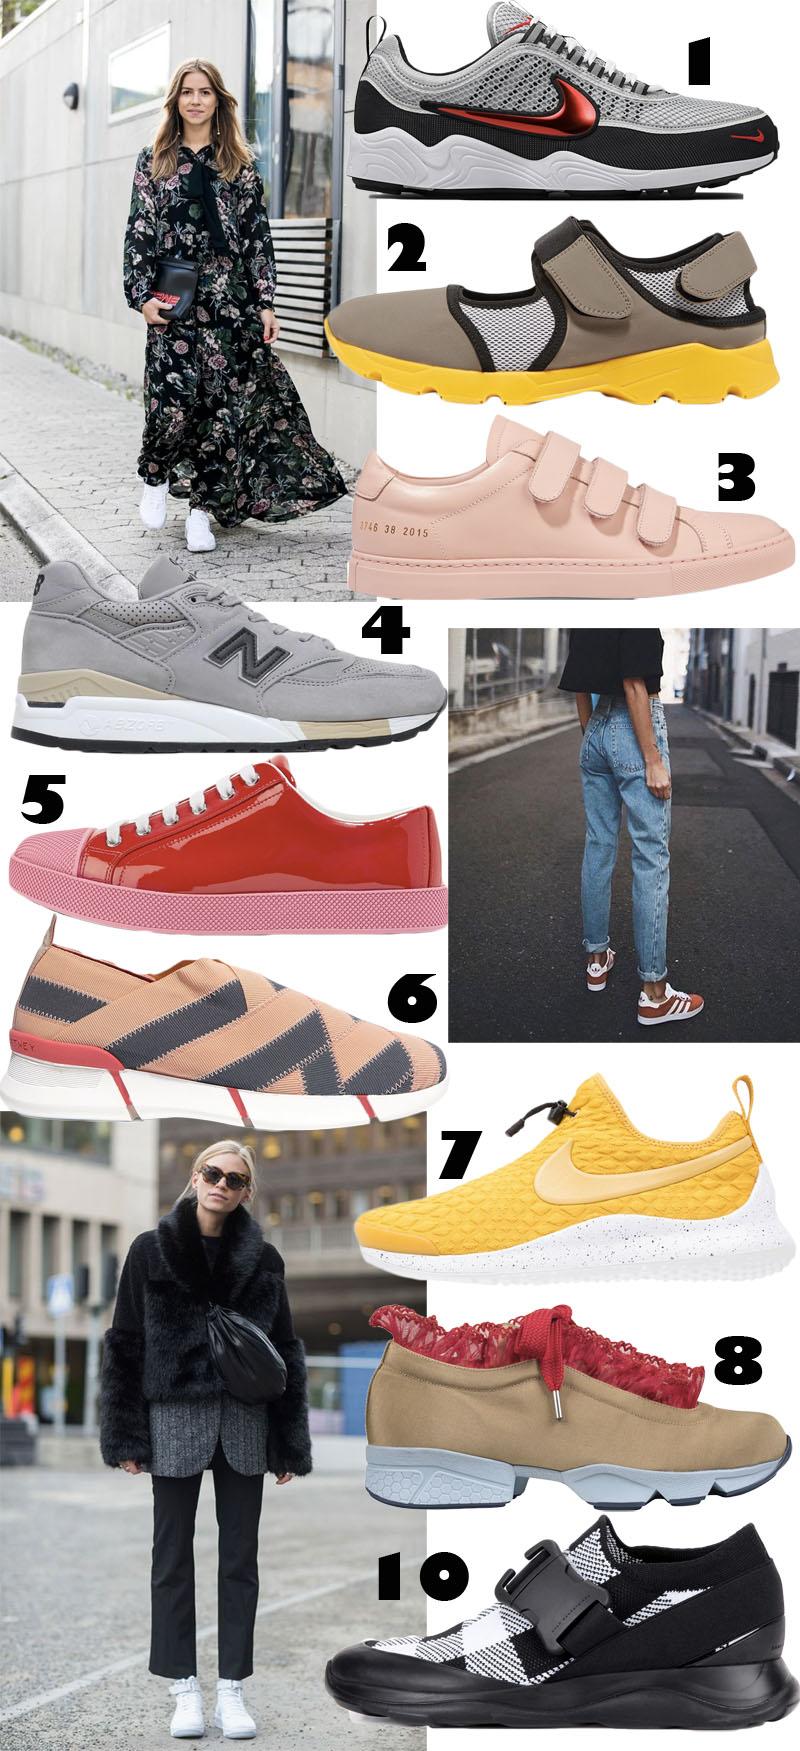 9 Spring sneakers